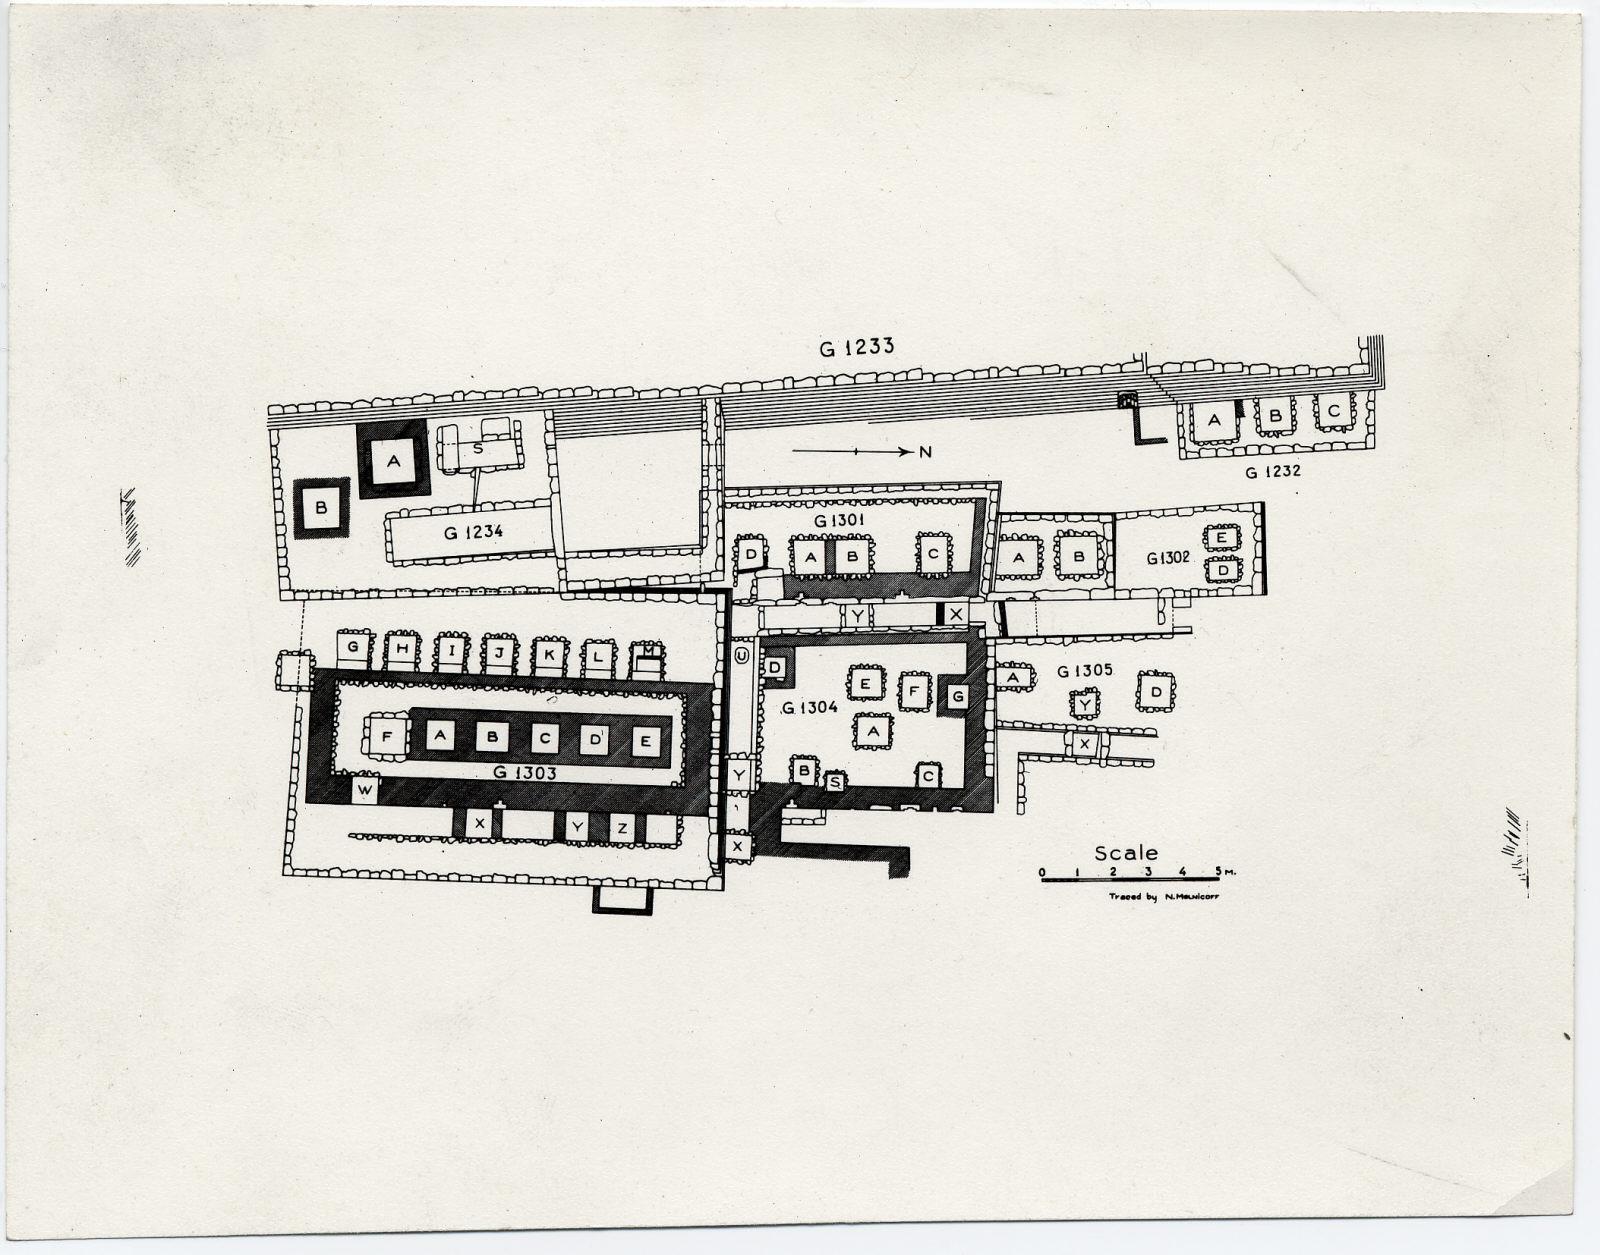 Maps and plans: Plan of G 1232, G 1234, G 1301, G 1302, G 1303, G 1304, G 1305, with positions of G 1233, G 1233-Annex